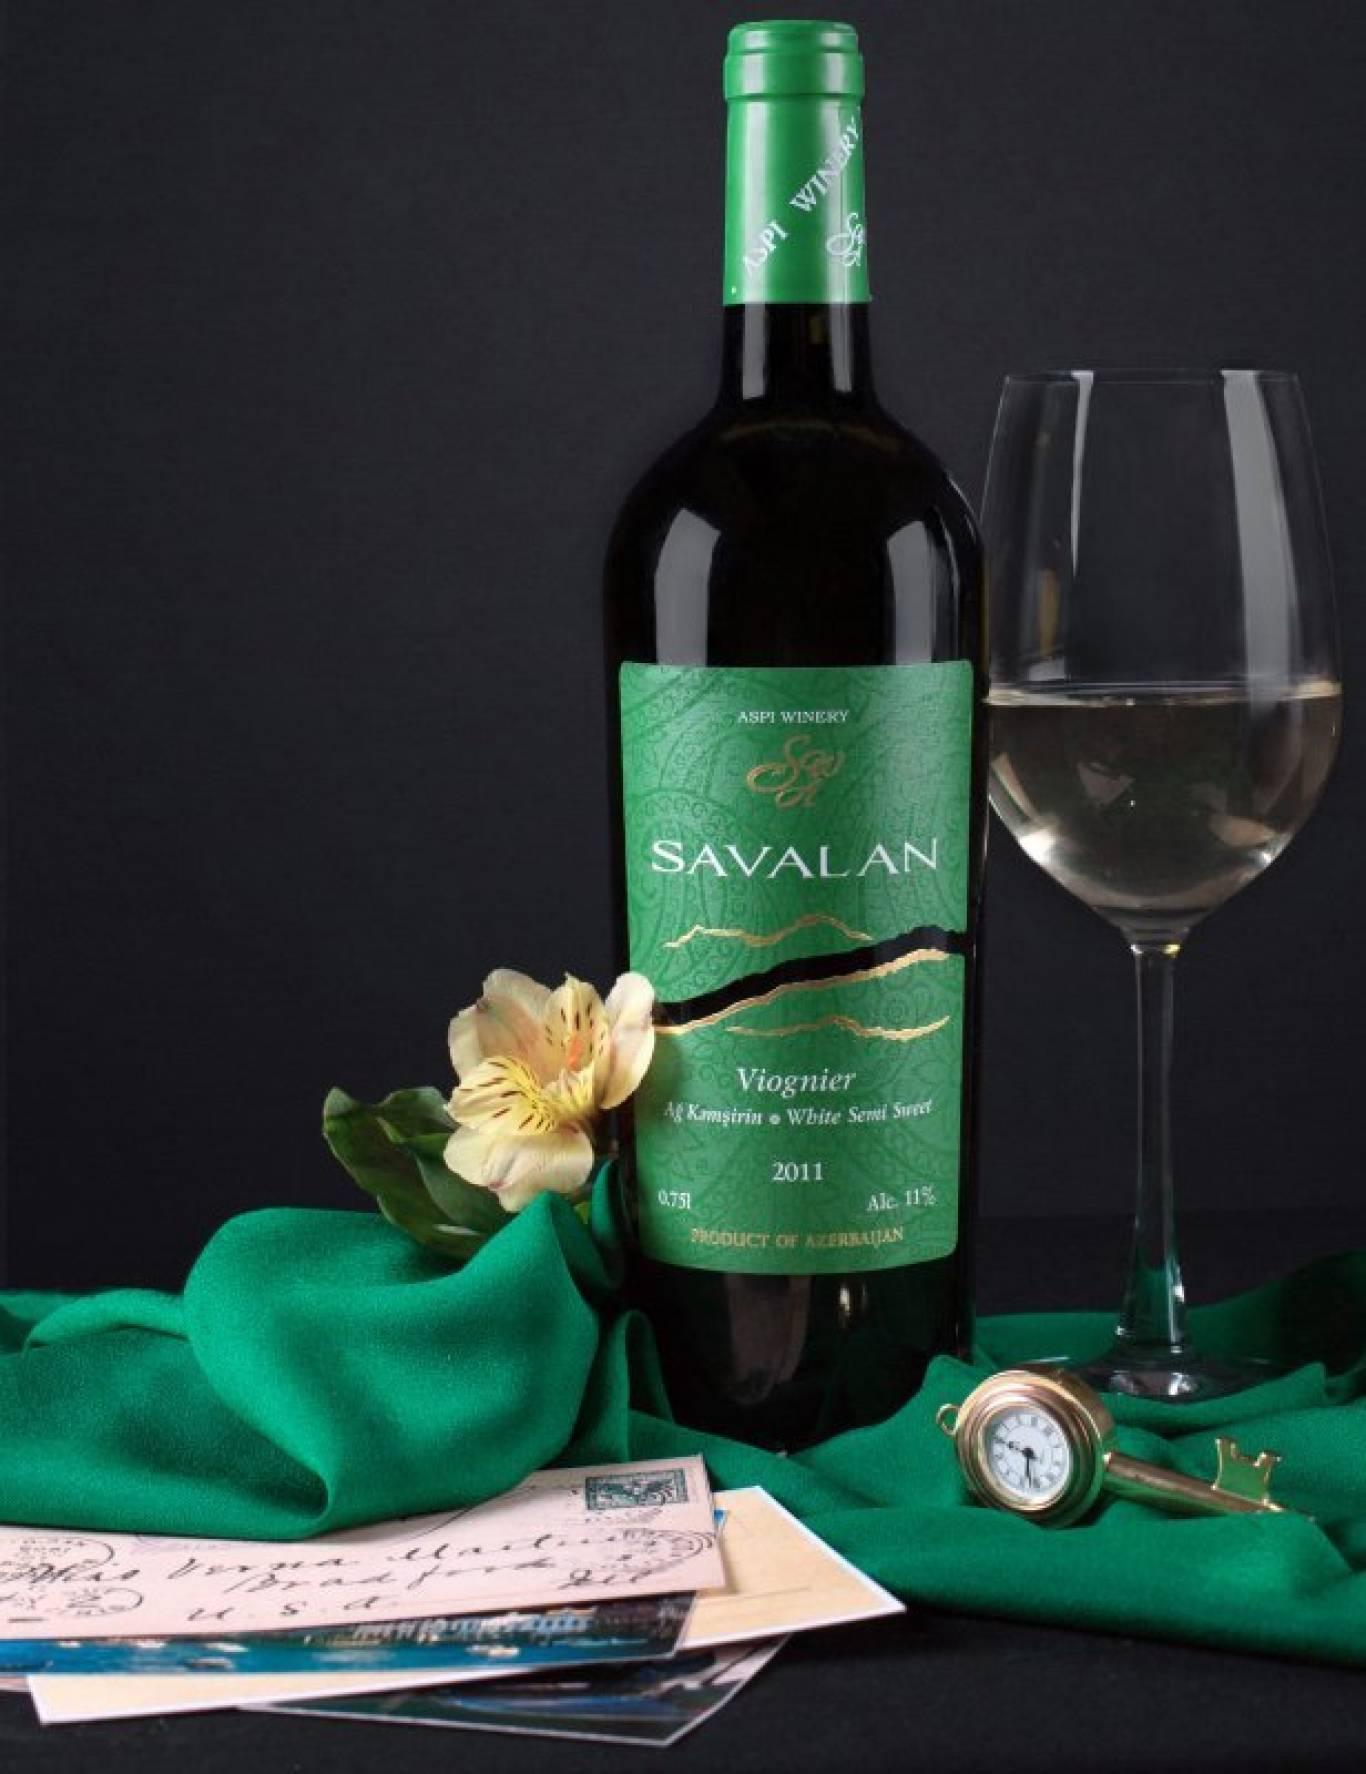 Лекція-дегустація французських білих вин Віонье